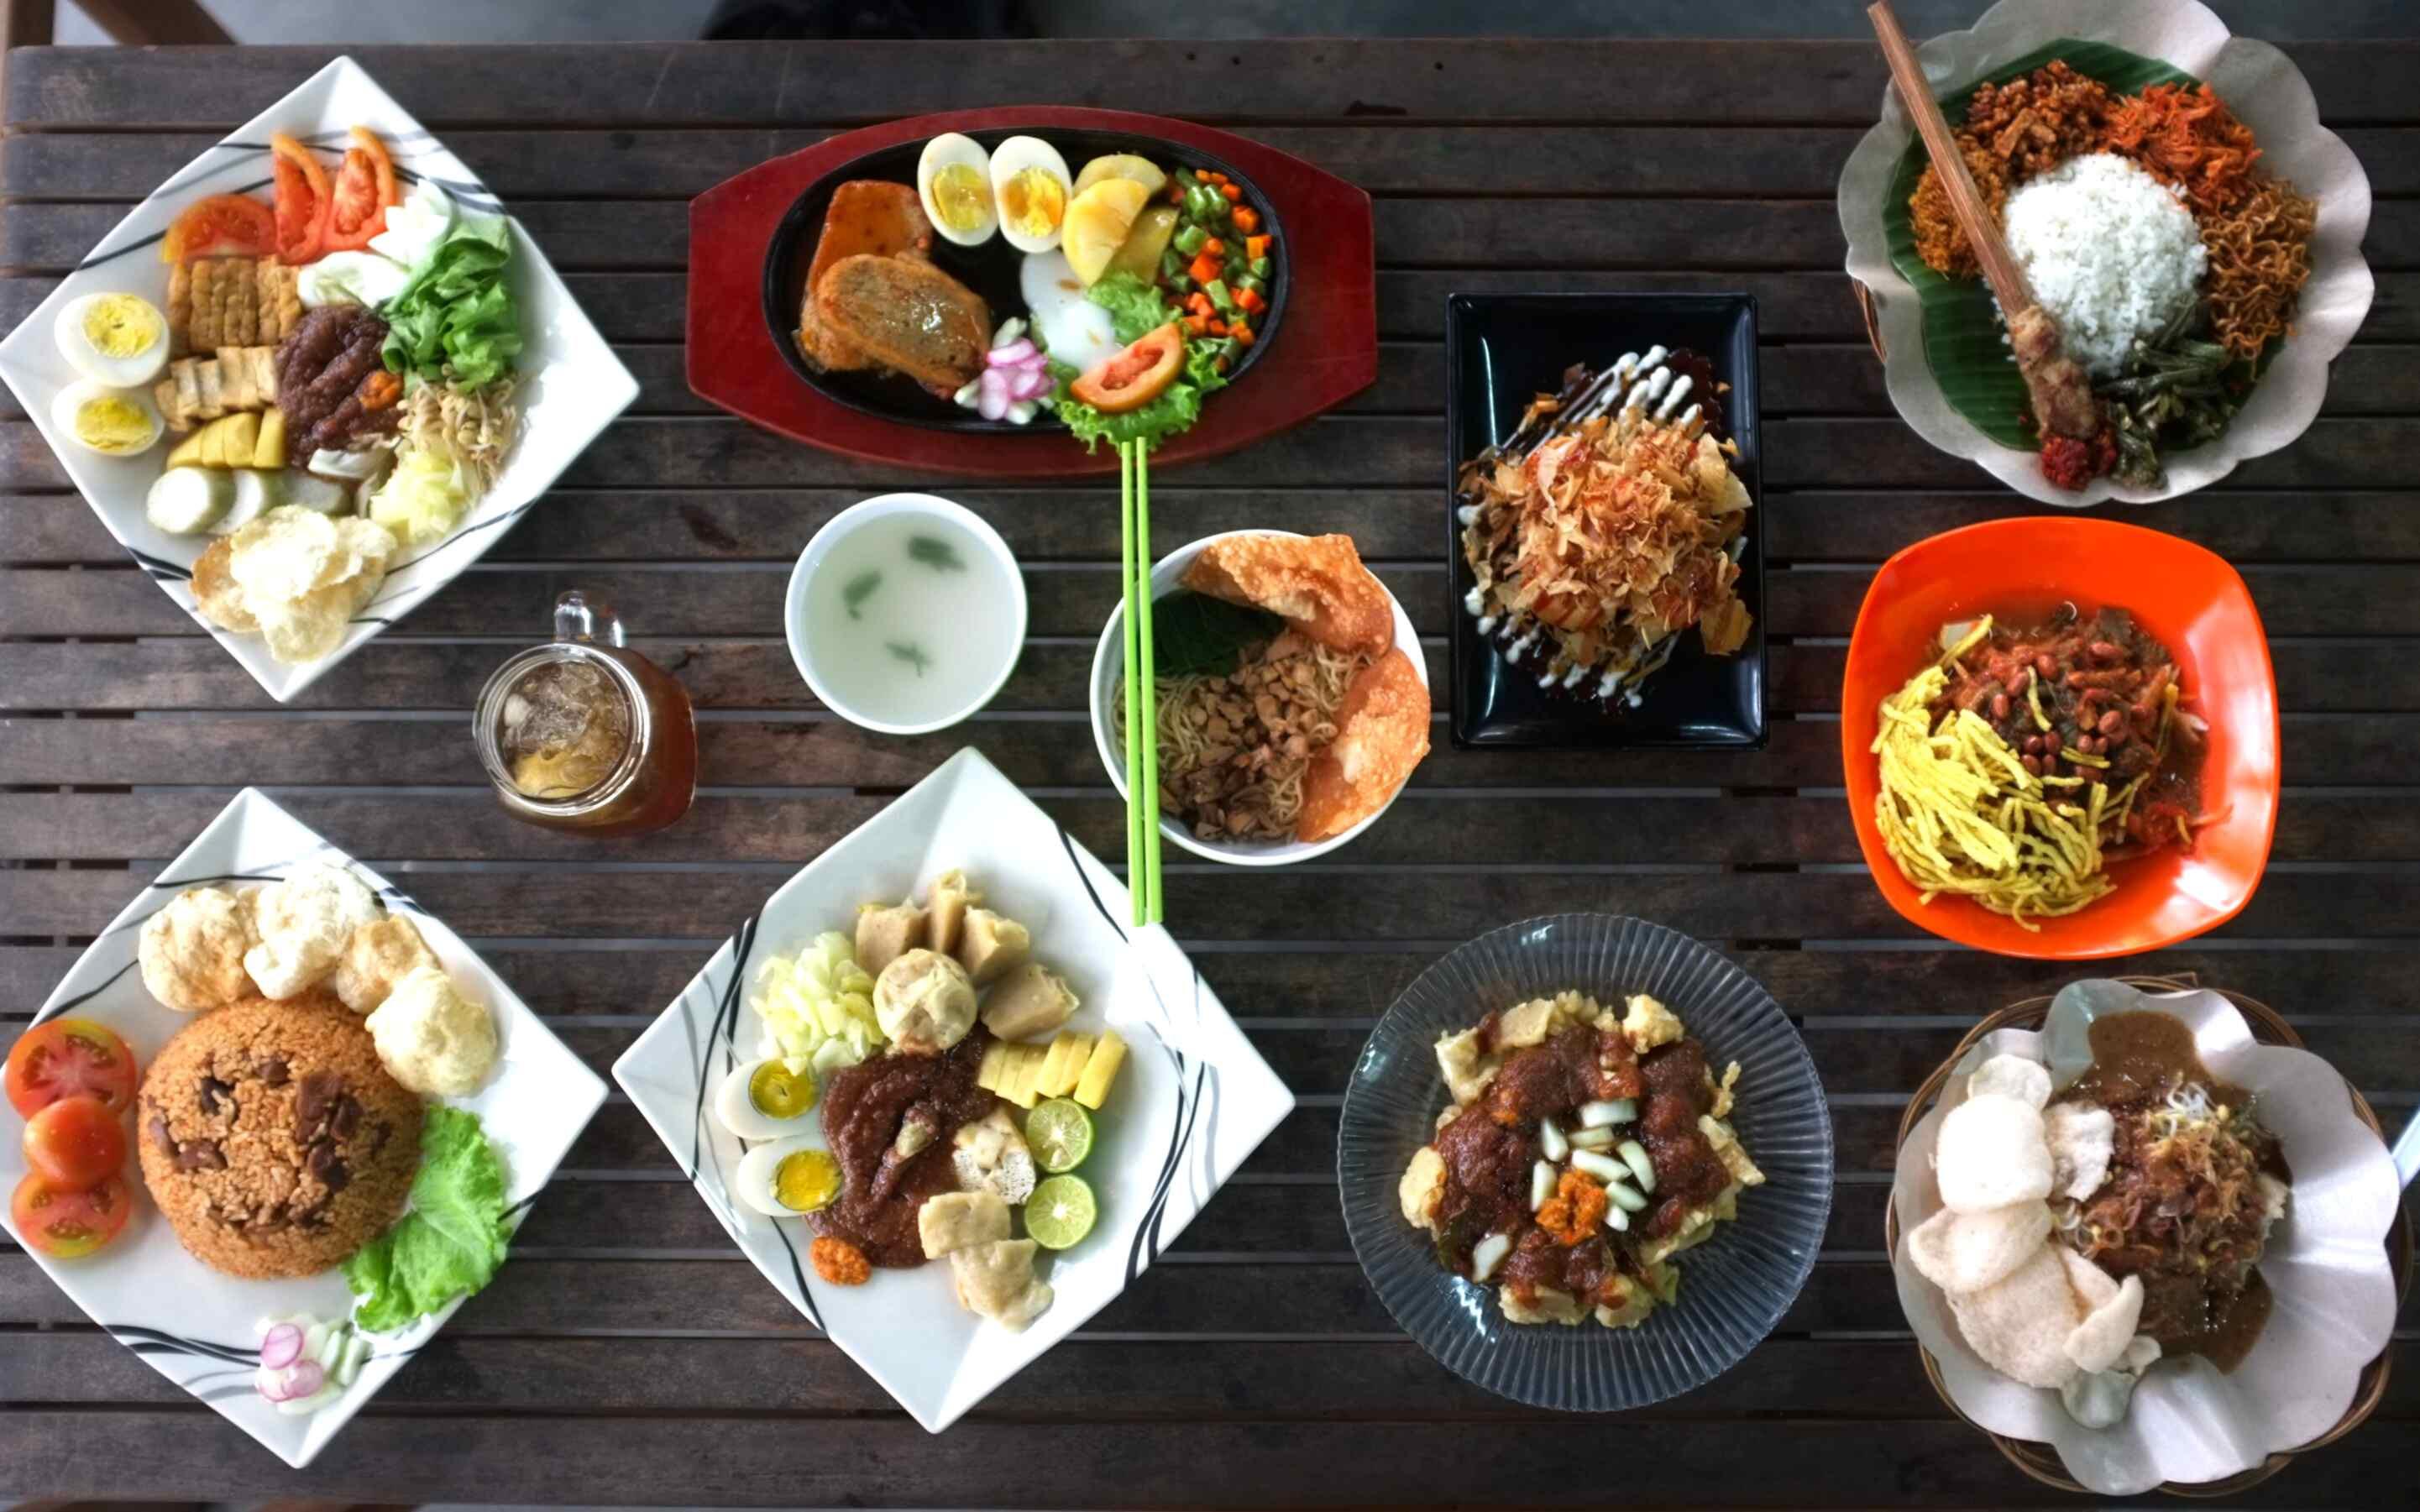 Kuliner Malam Jogja yang Terkenal dengan Cita Rasa Khas, Wajib Kamu Cicipi